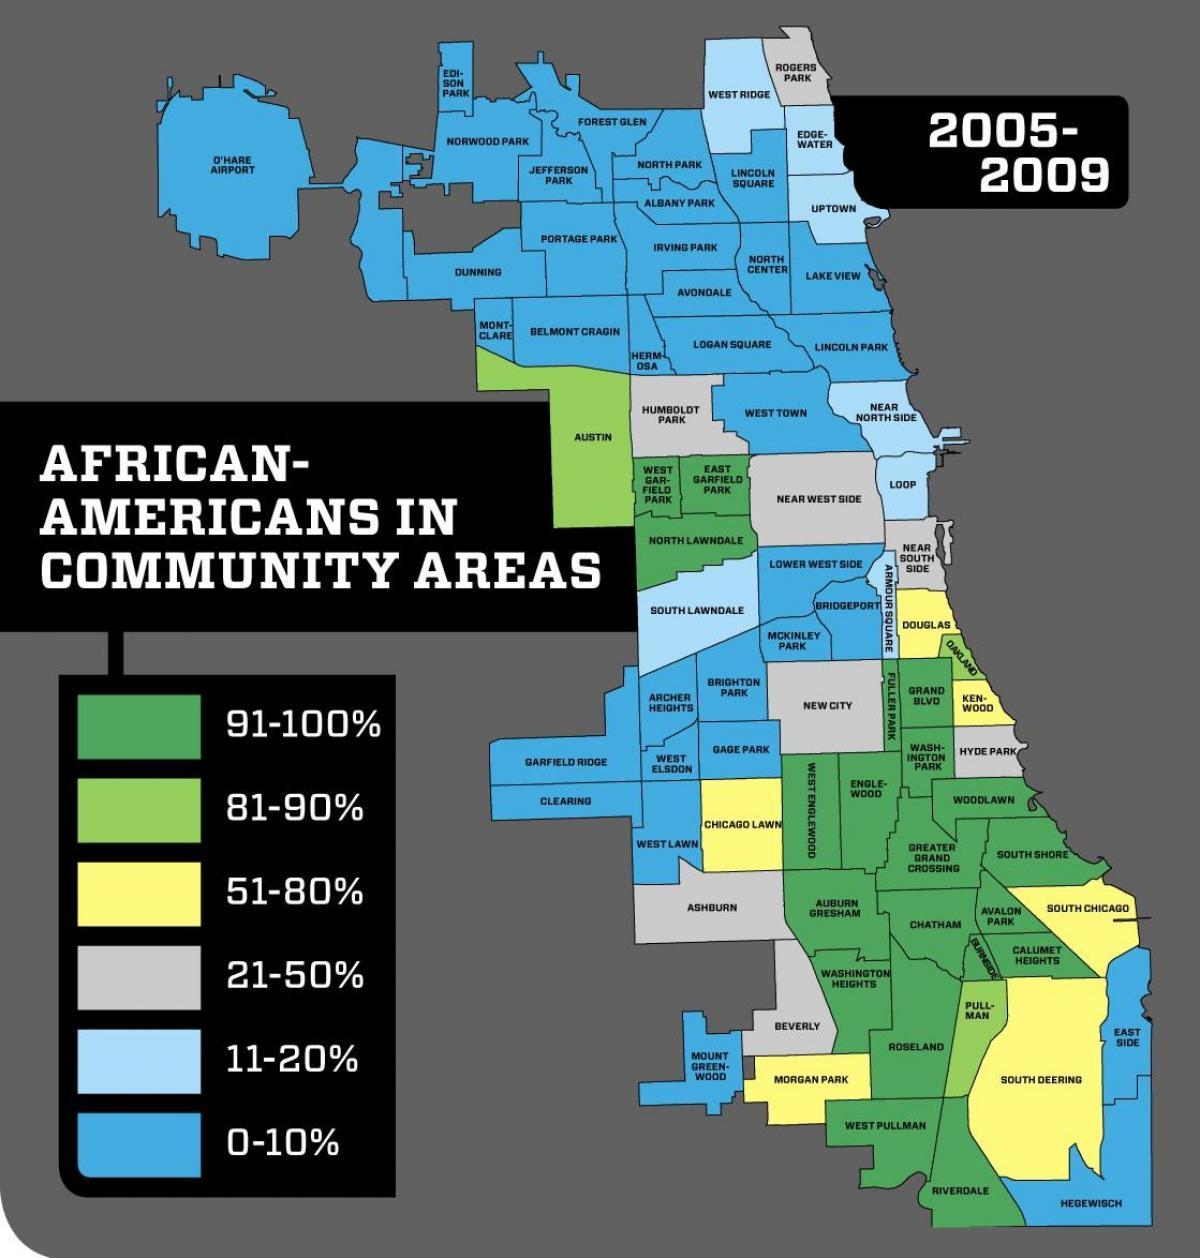 Chicago crime map von Nachbarschaft - Chicago neighborhood crime map ...